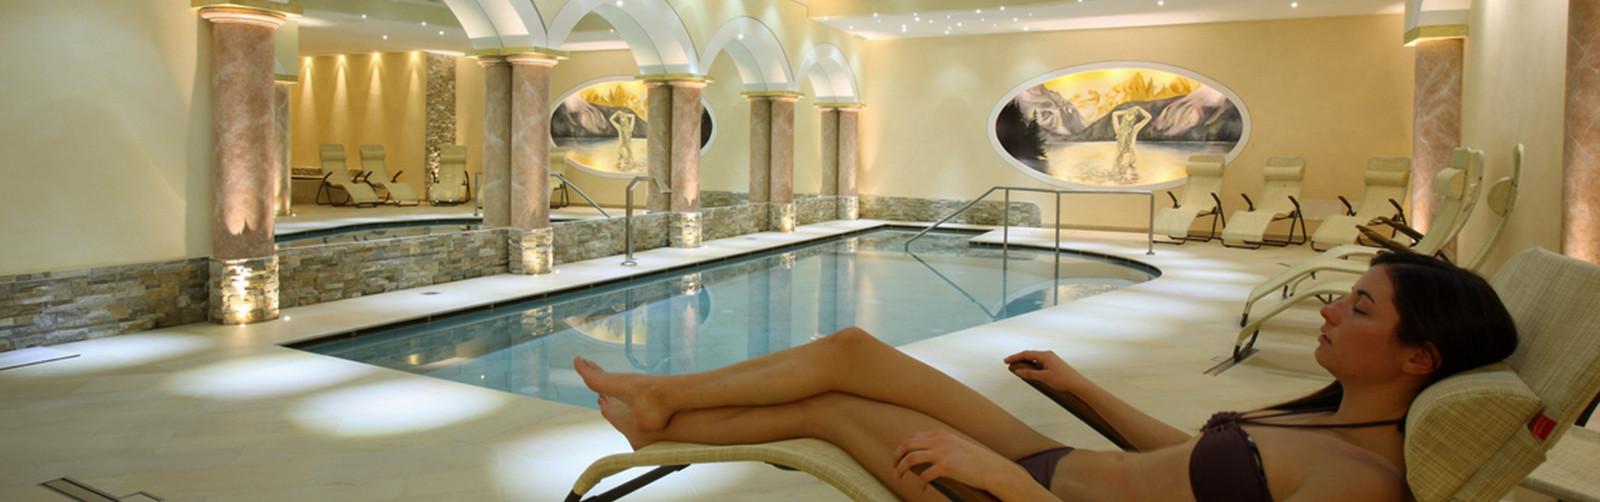 Hotel con piscina e centro benessere ad andalo hotel gruppo brenta - Hotel maranza con piscina coperta ...